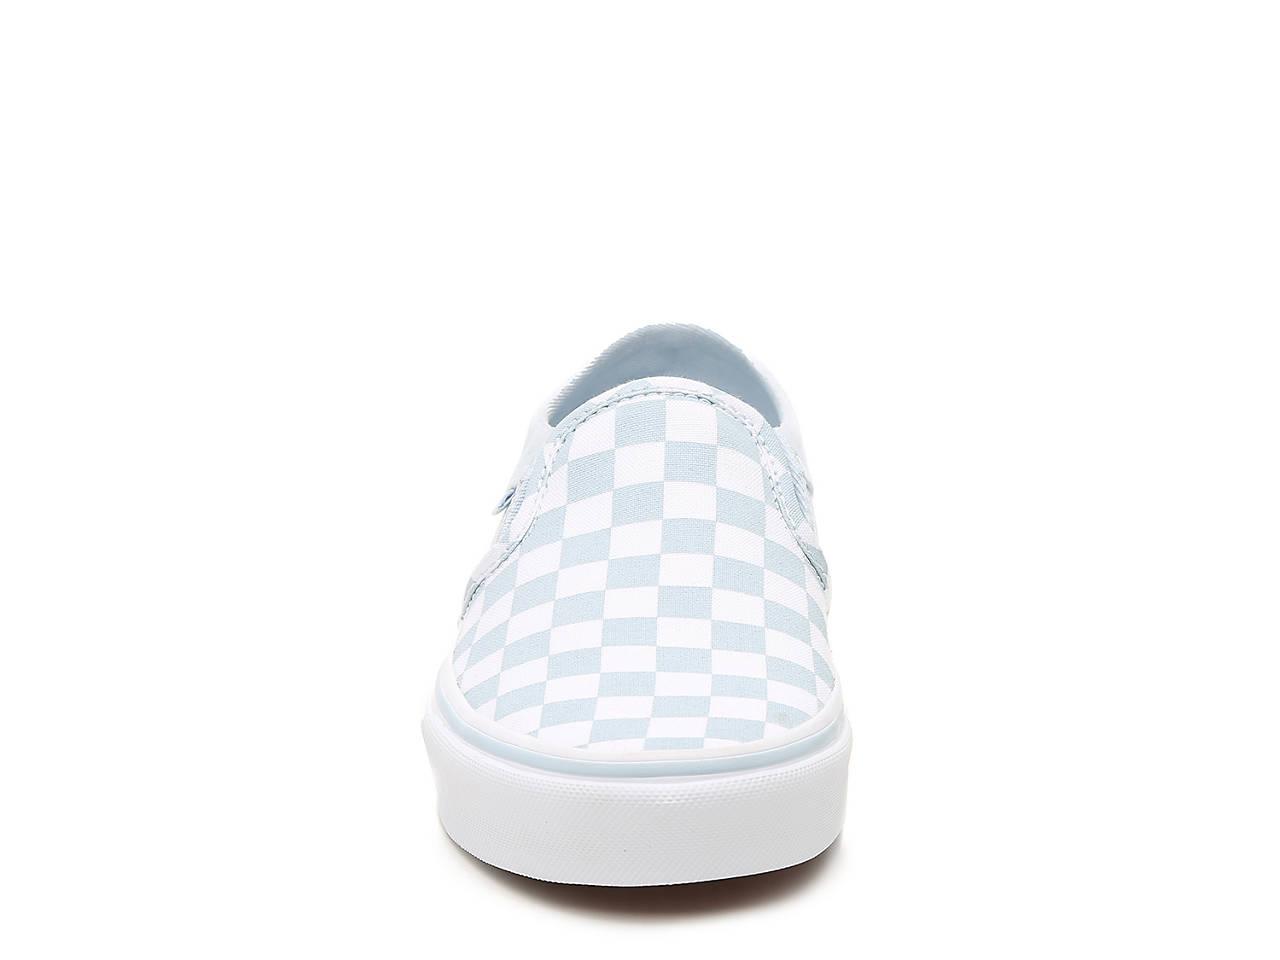 4269c9cc8289 Vans Asher Checkered Slip-On Sneaker - Women s Women s Shoes